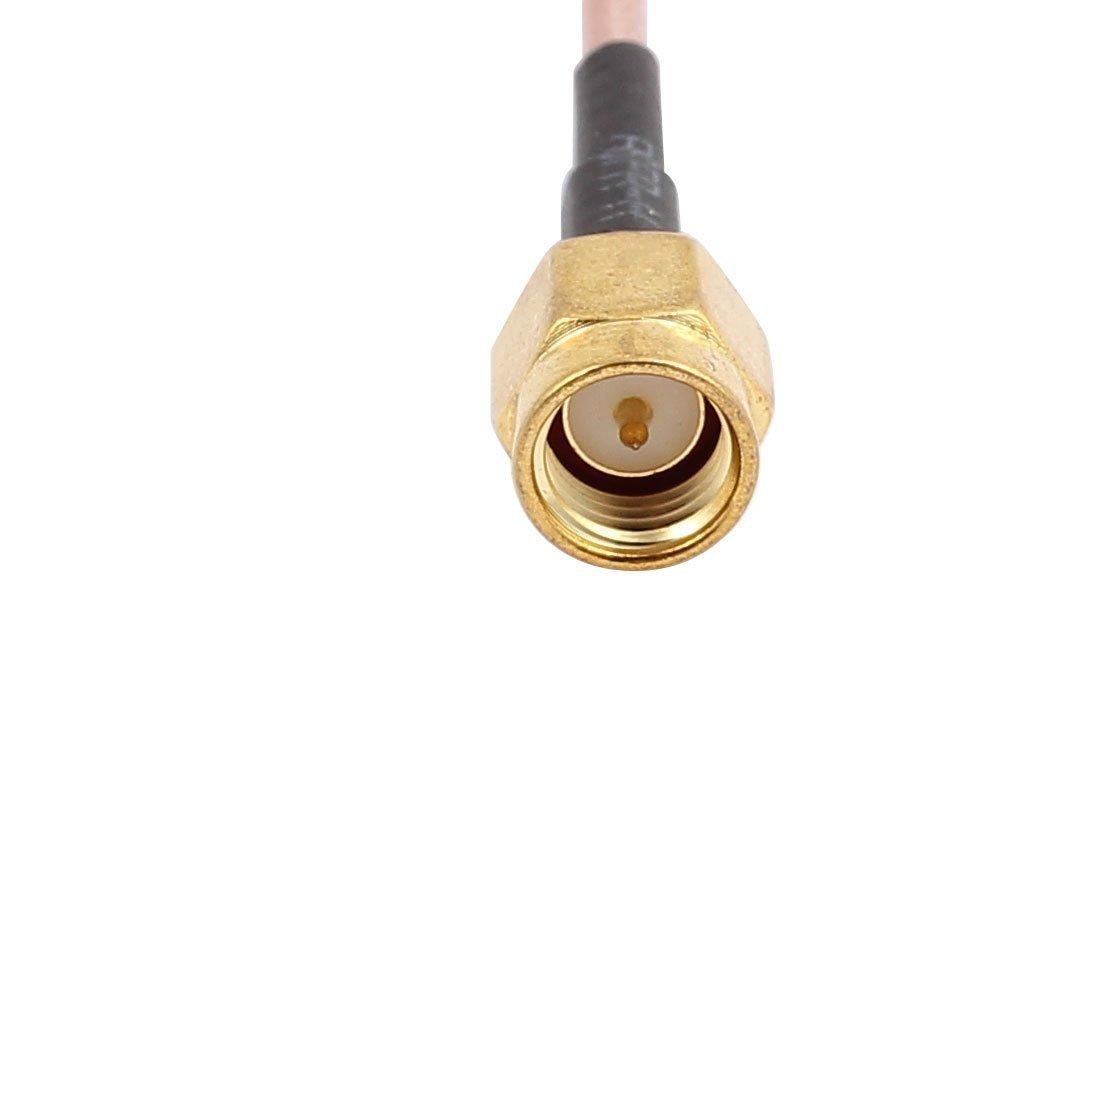 Amazon.com: eDealMax 2 piezas de oro SMA Macho a RP-SMA hembra adaptador de conector de Cable coaxial de televisión por satélite 15cm: Electronics